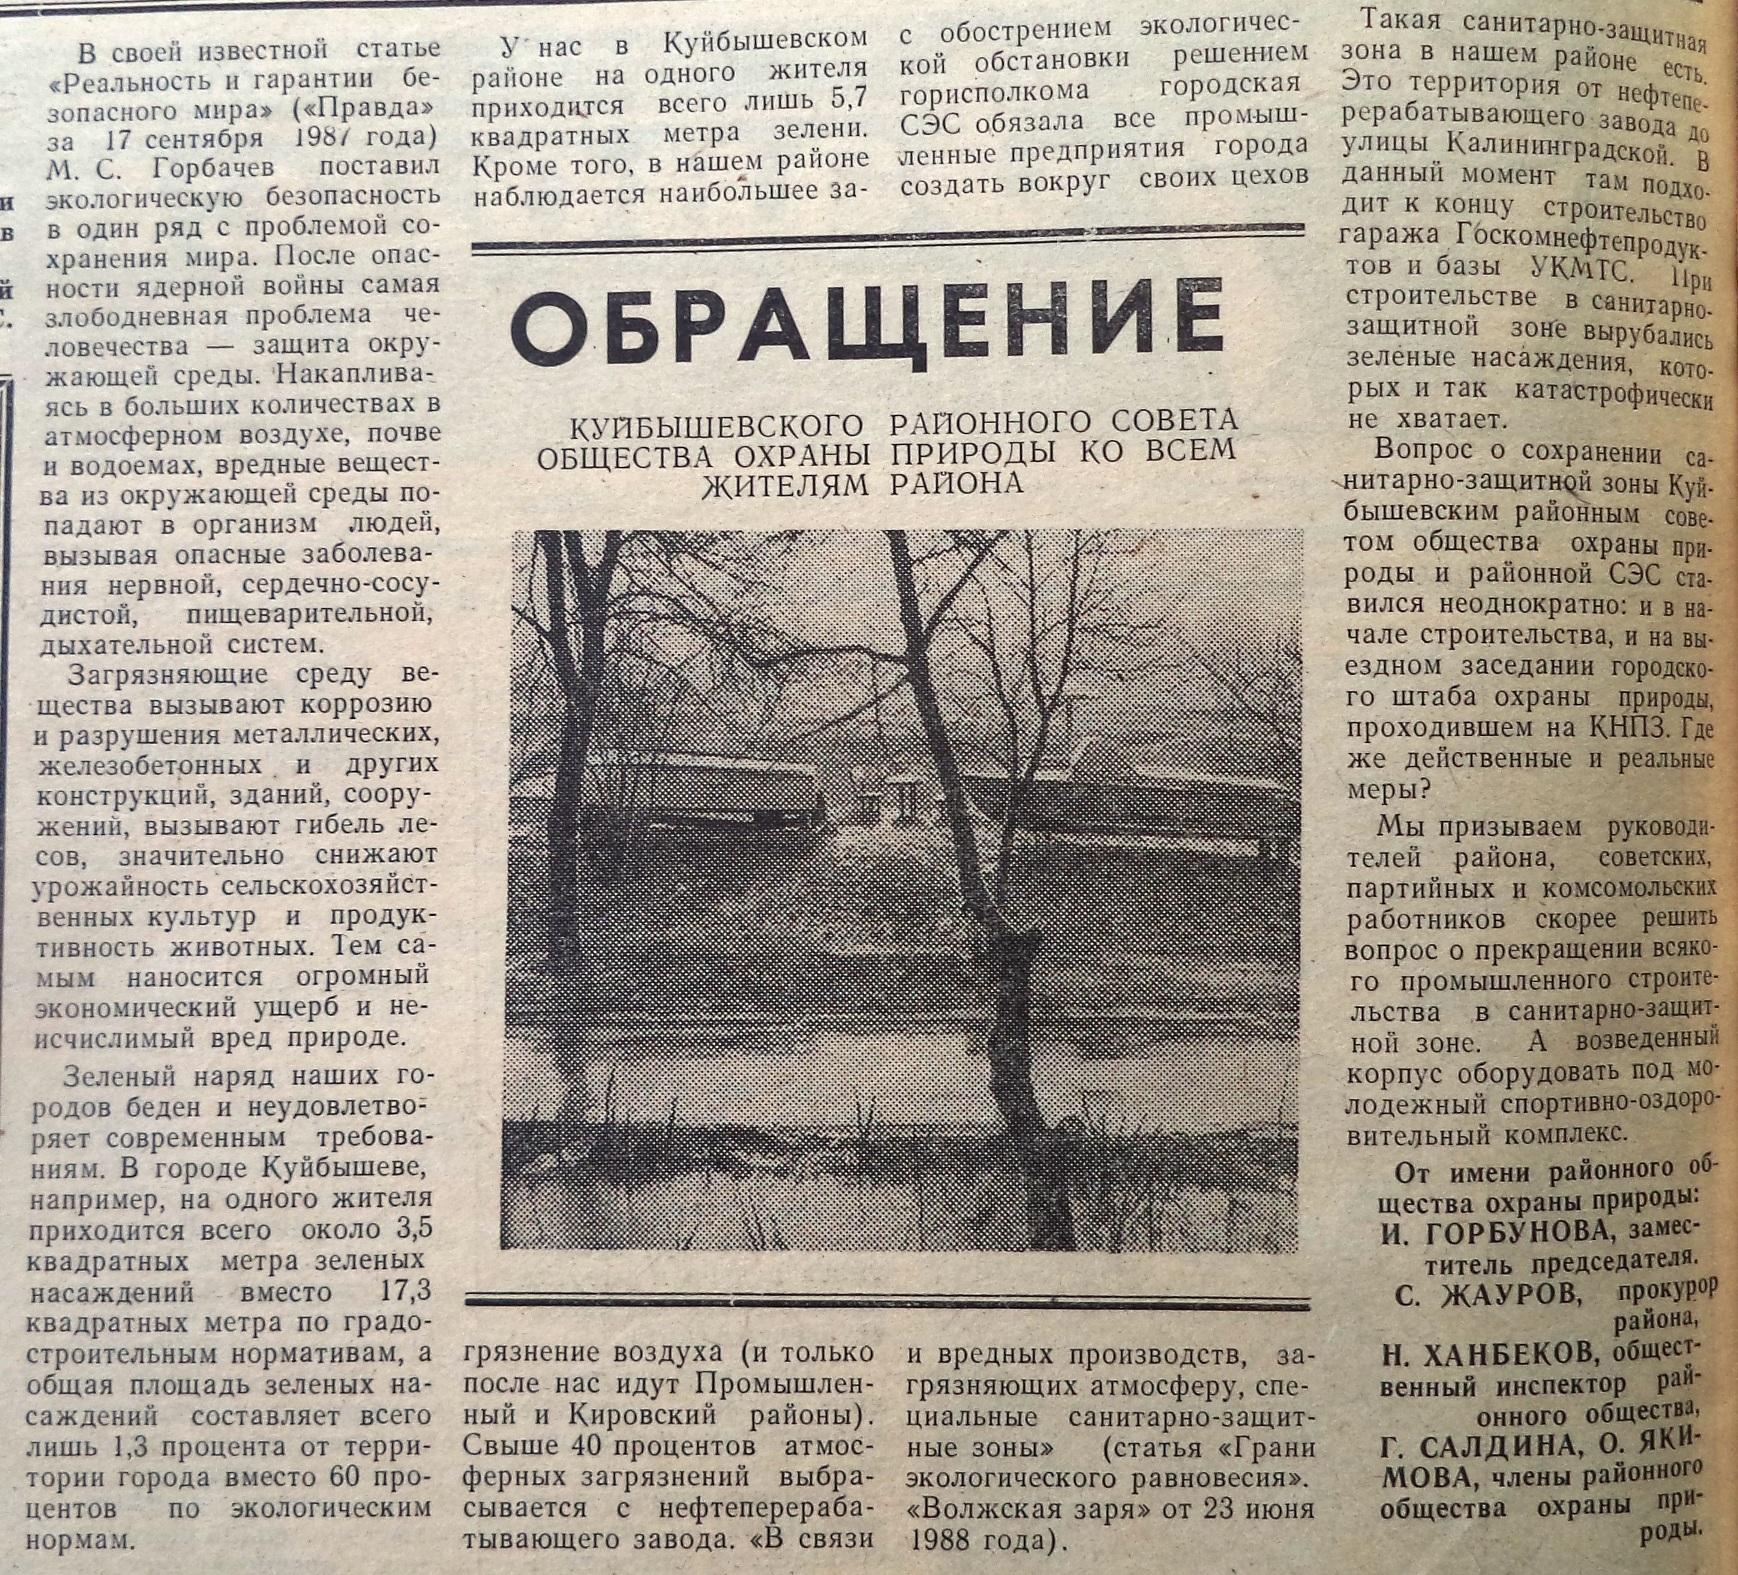 Калининградская-ФОТО-09-Заводская Трибуна-1988-19 октября